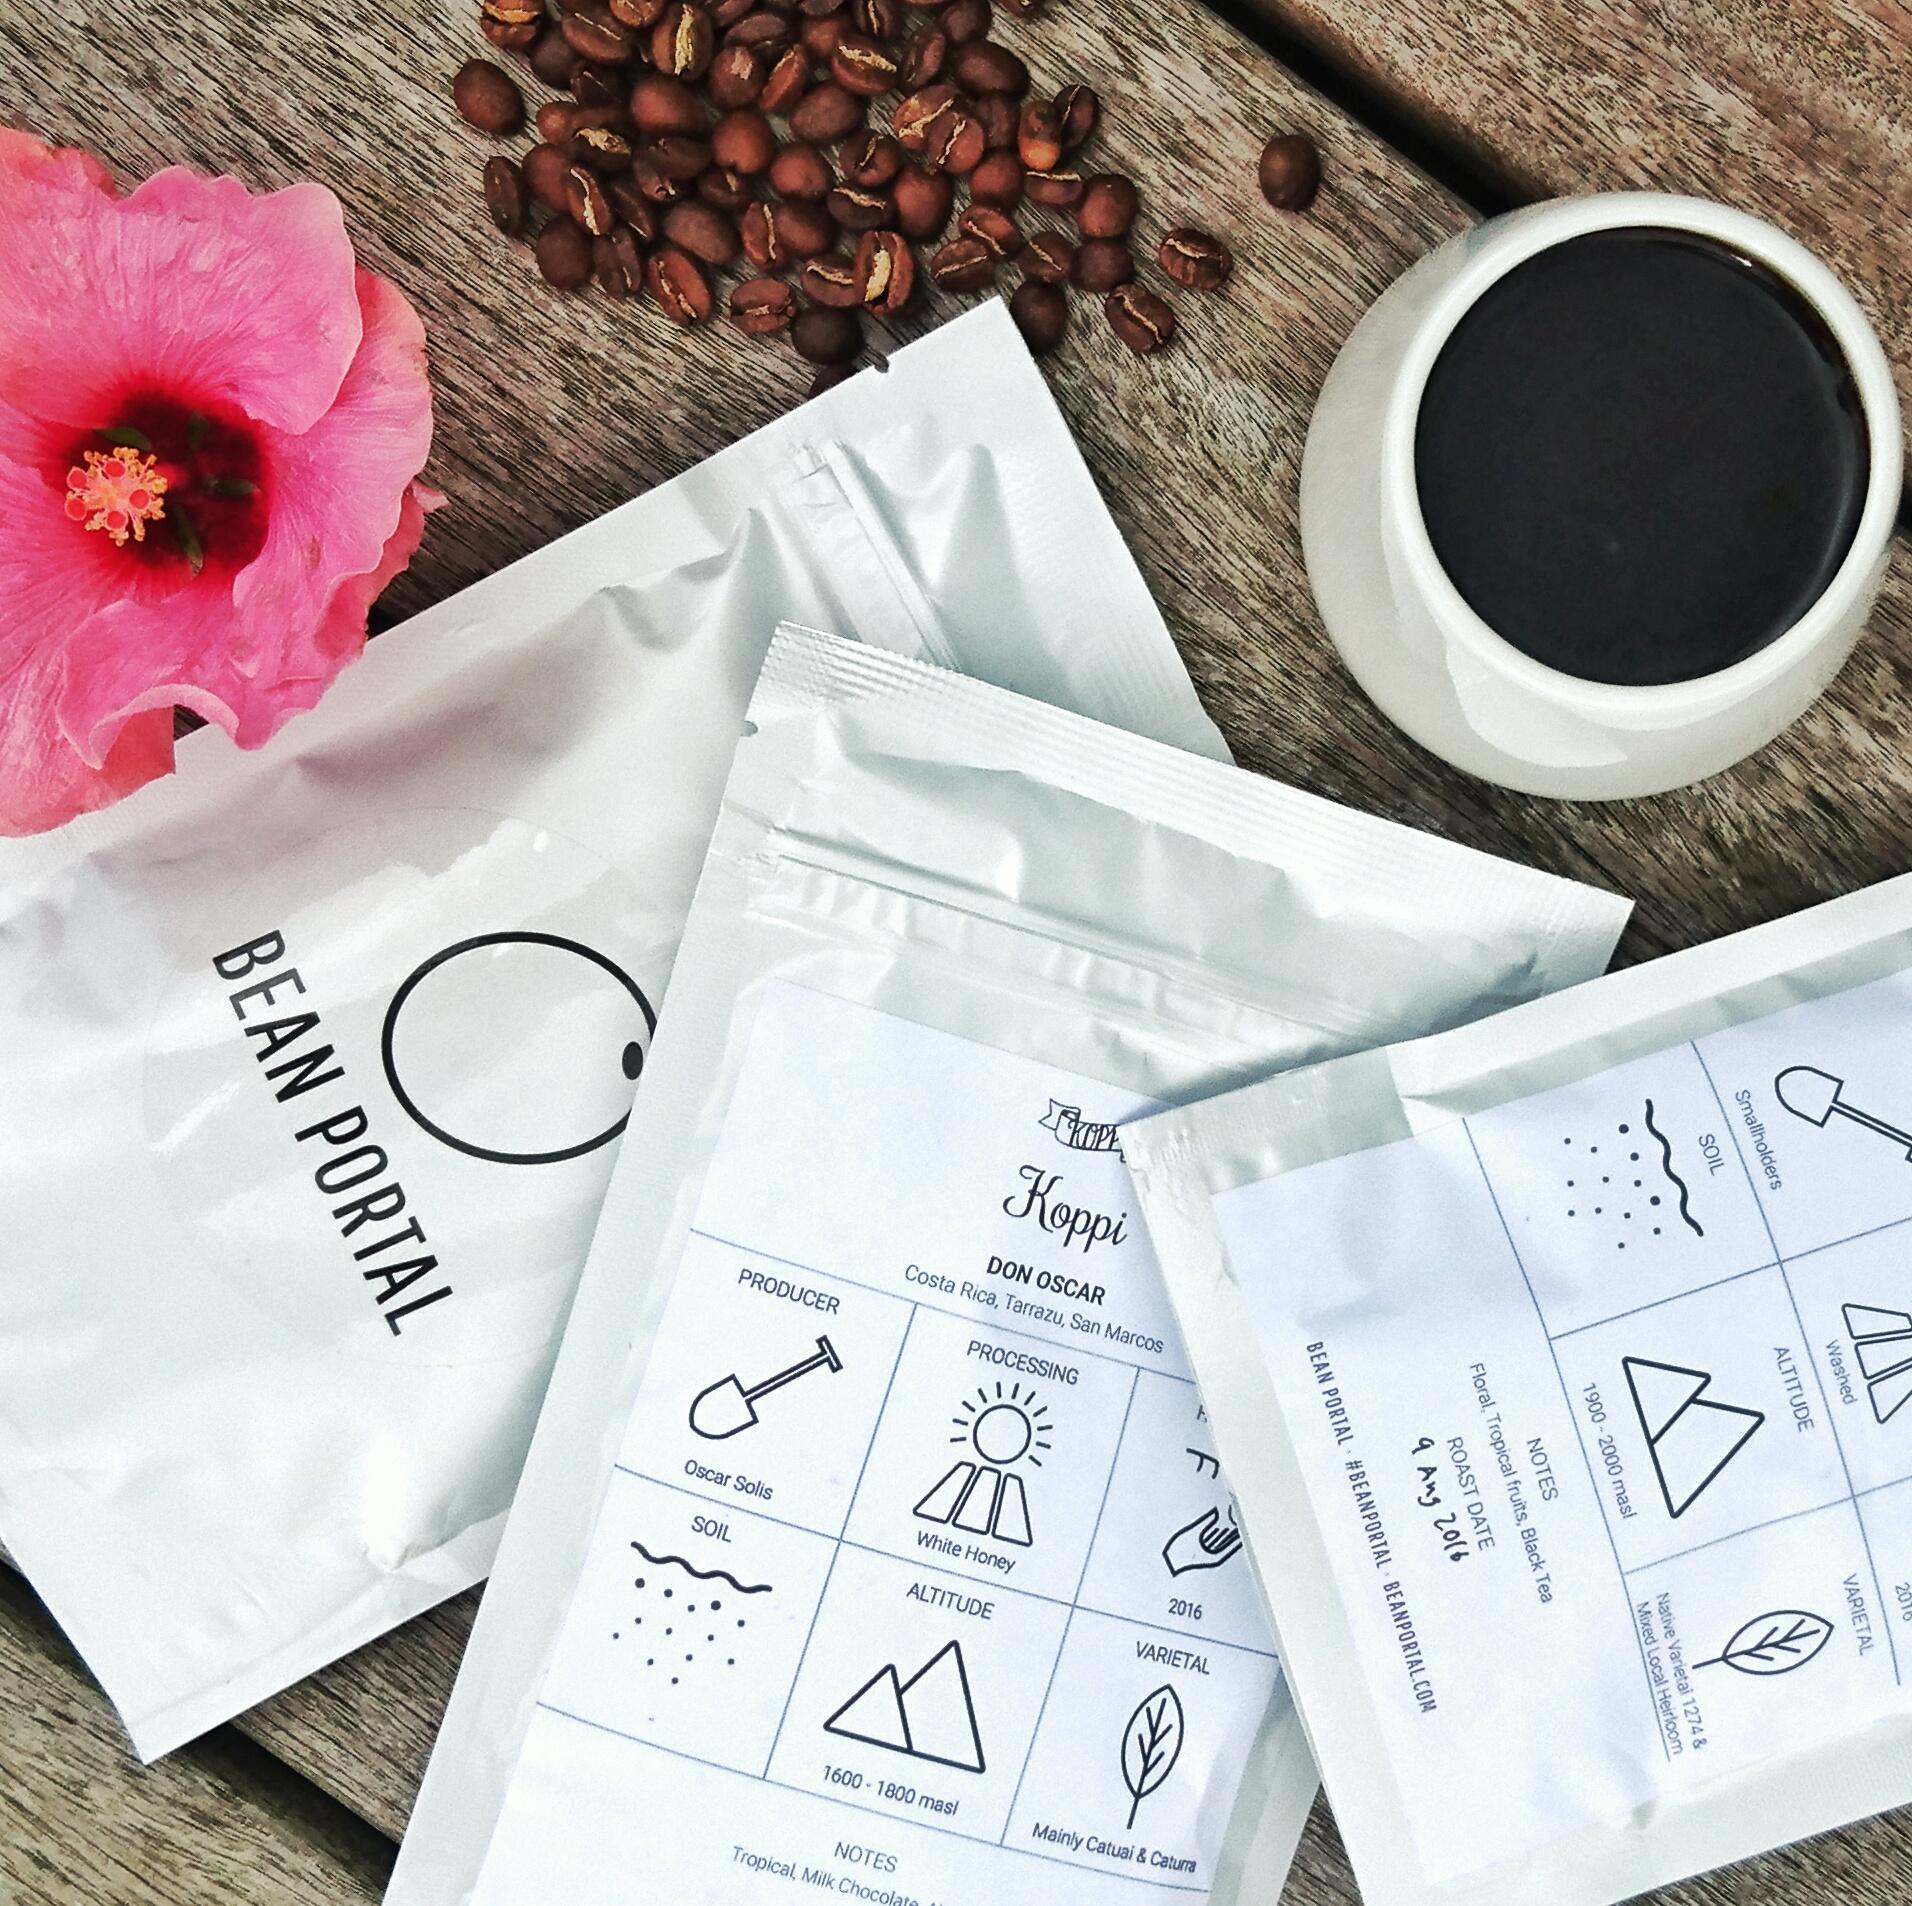 Svenske Koppi Fine Coffee Roasters, fra Helsingborg i august måneds Bean Portal tasting box.